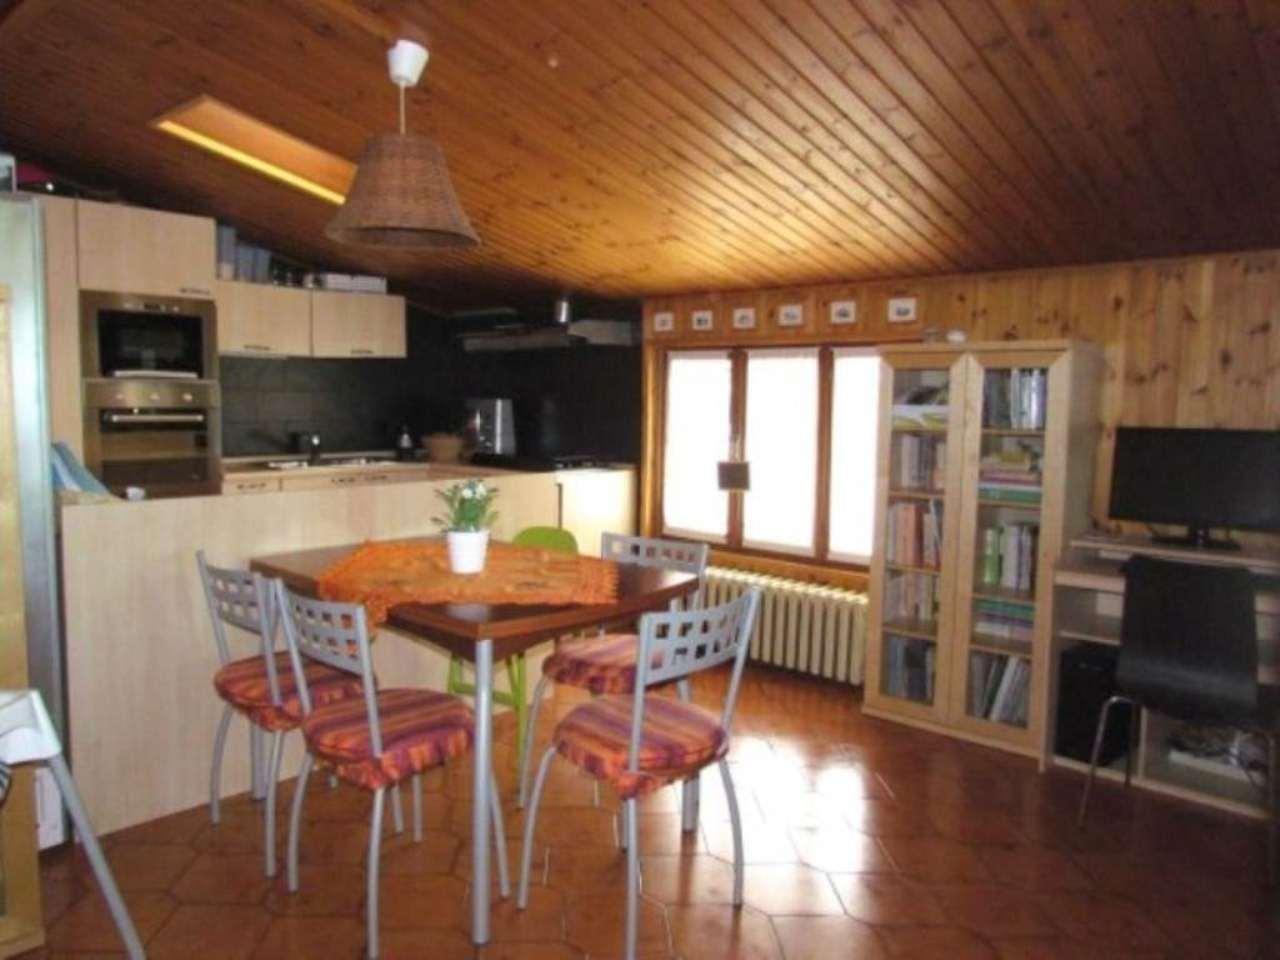 Appartamento in vendita a Tradate, 3 locali, prezzo € 80.000 | CambioCasa.it